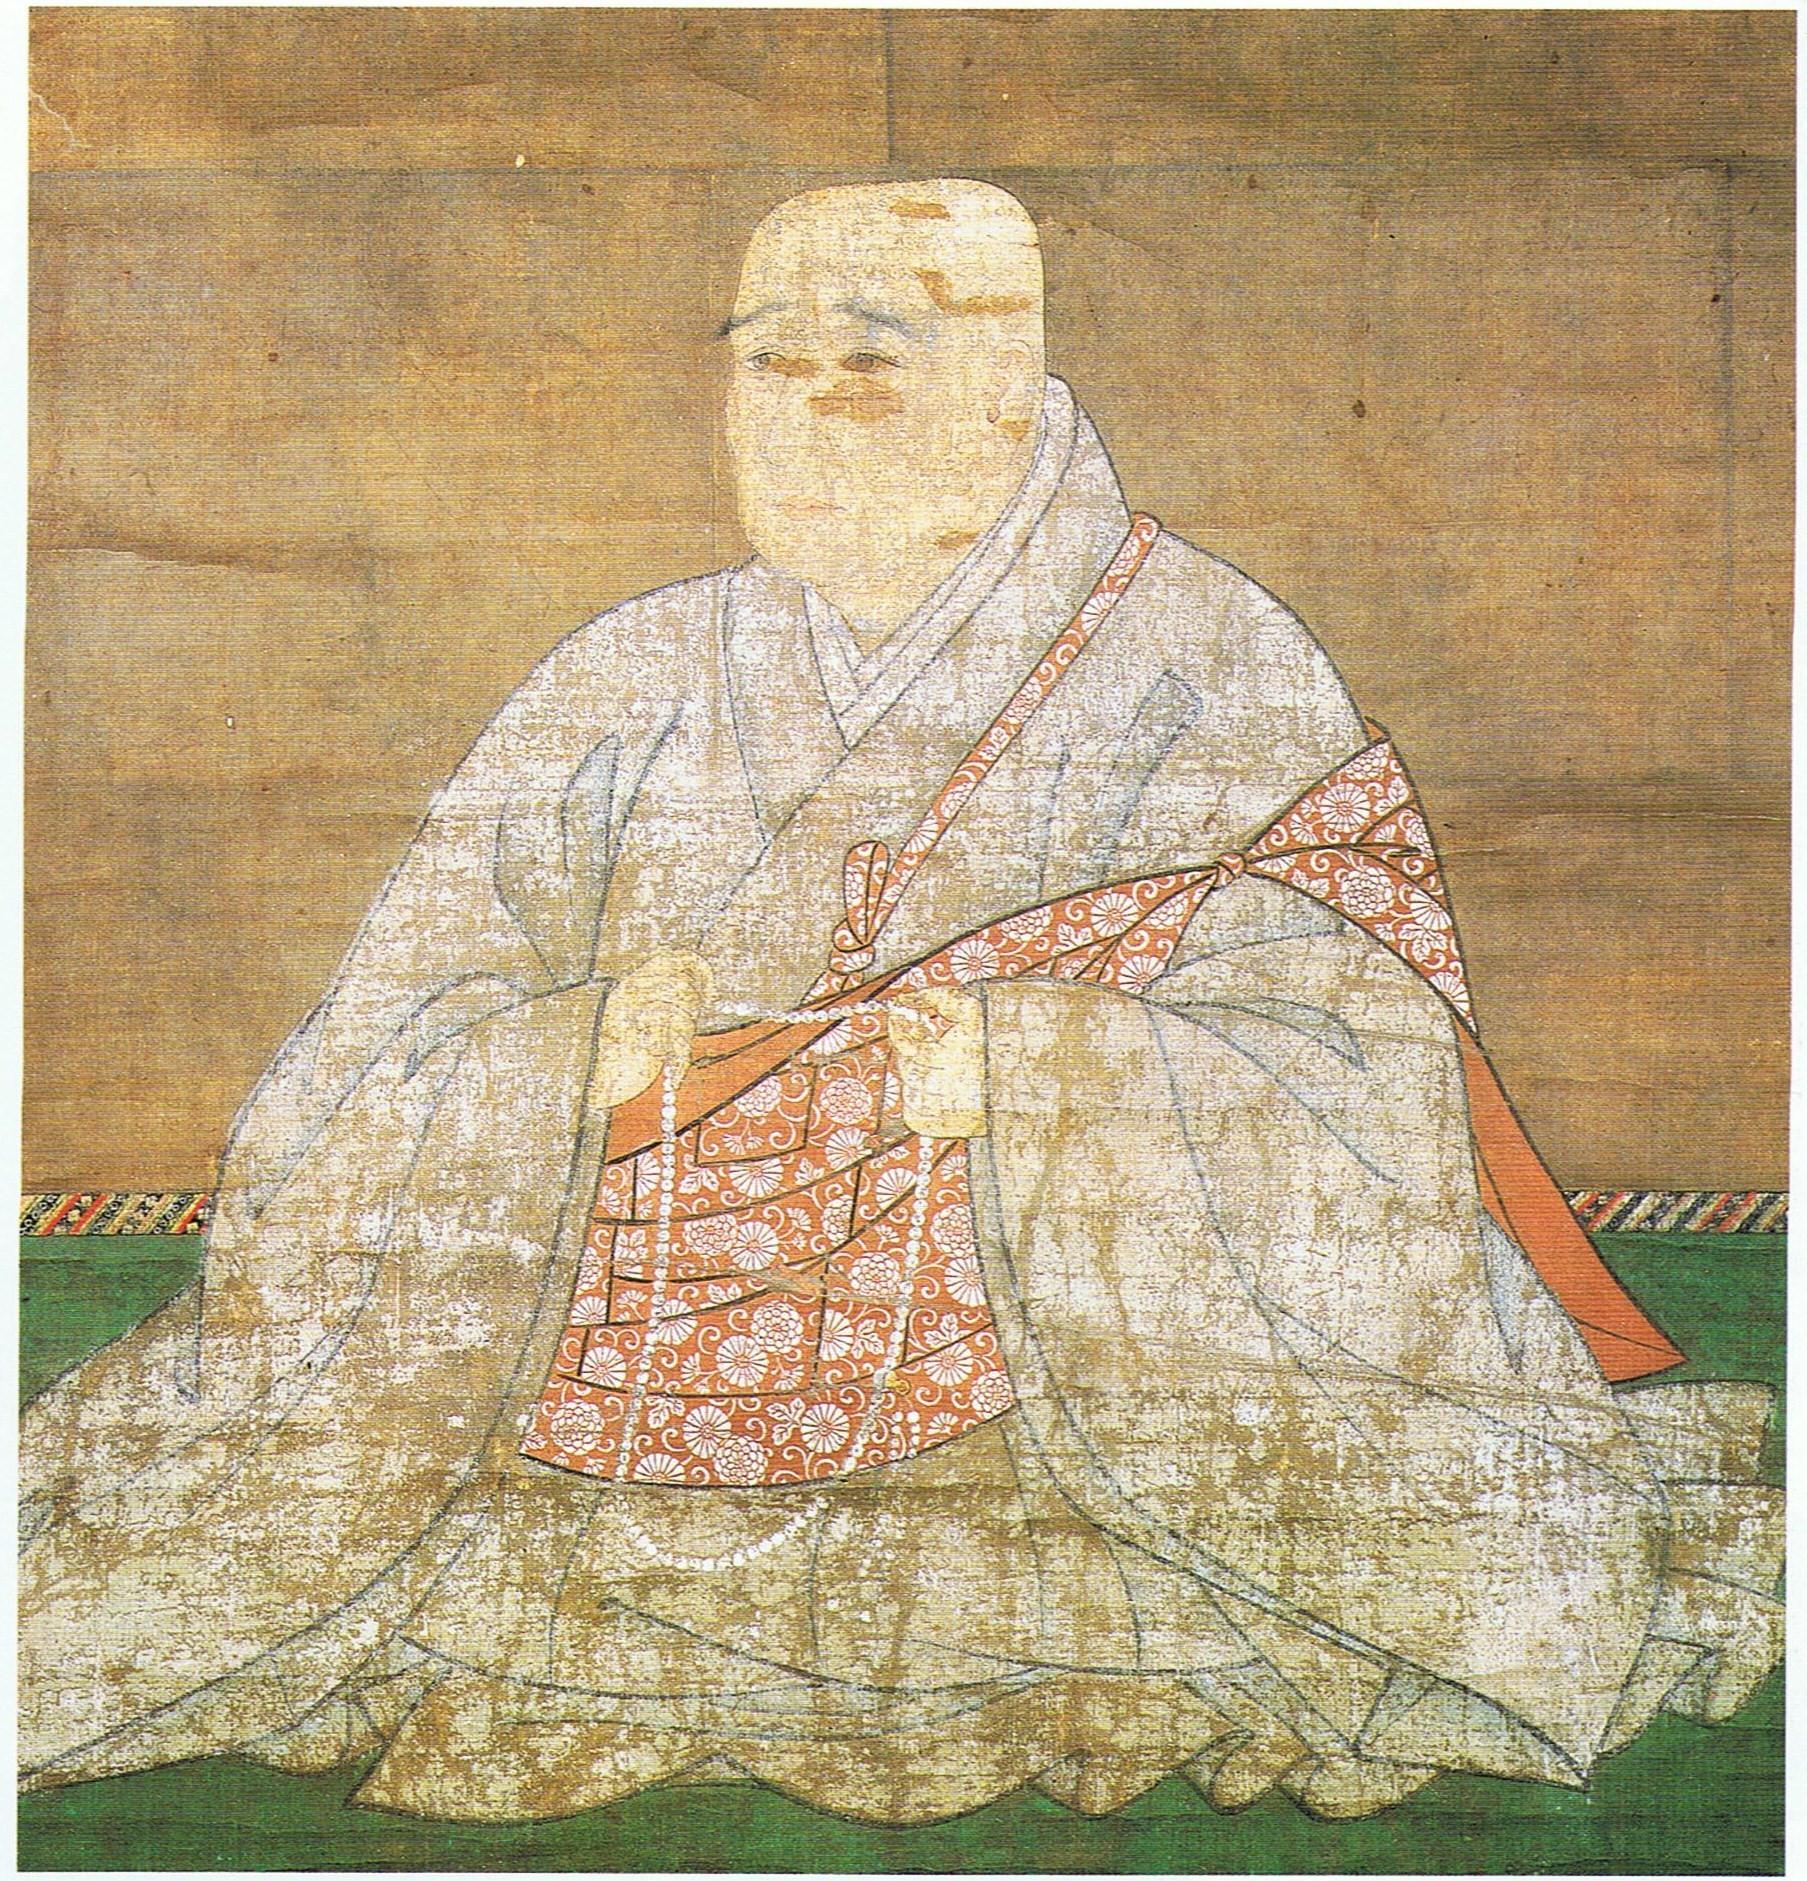 後白河法皇像(神護寺蔵)